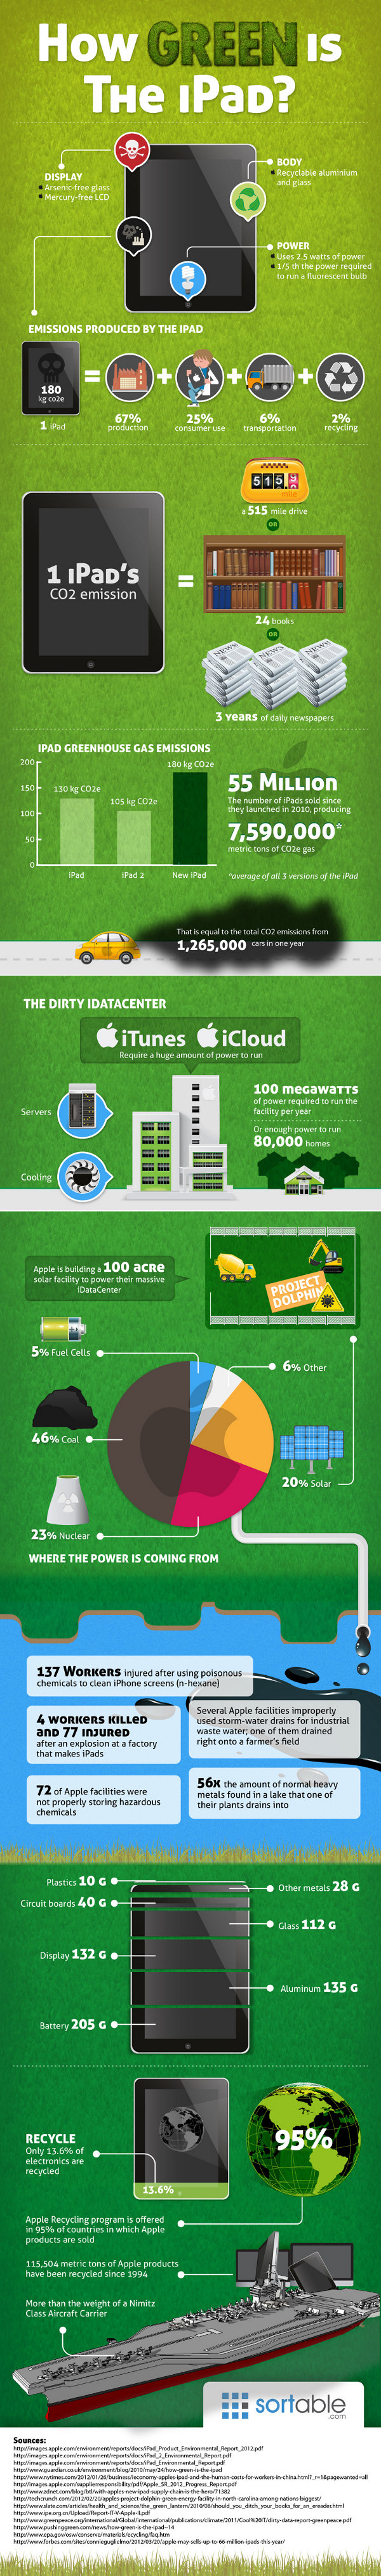 ¿Es verde el iPad? infografia infographic apple